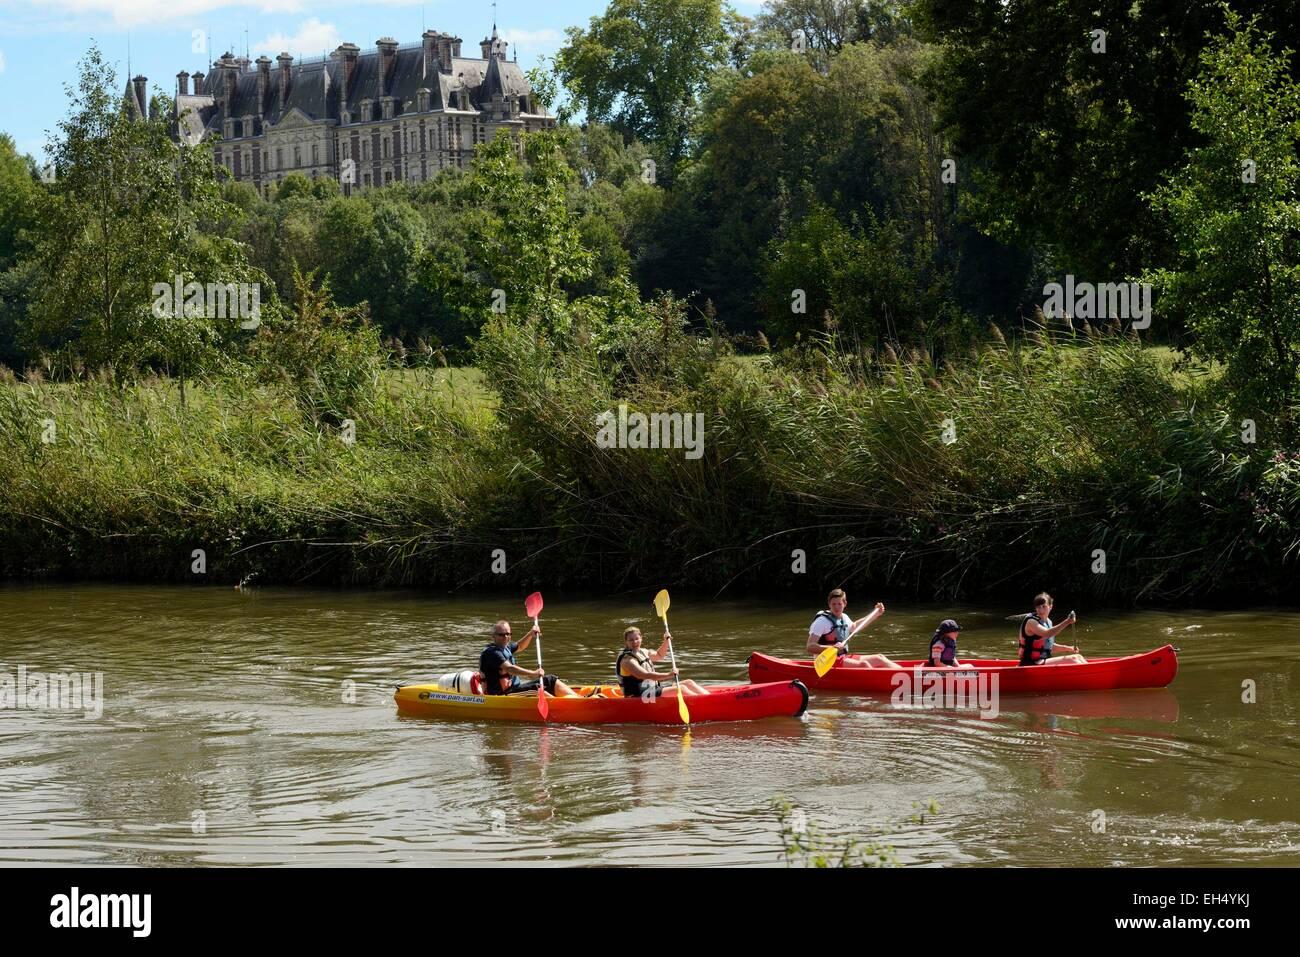 Francia, Haute Saône, Villersexel, Ognon river, canoa, Grammont castello datato 1880 Immagini Stock